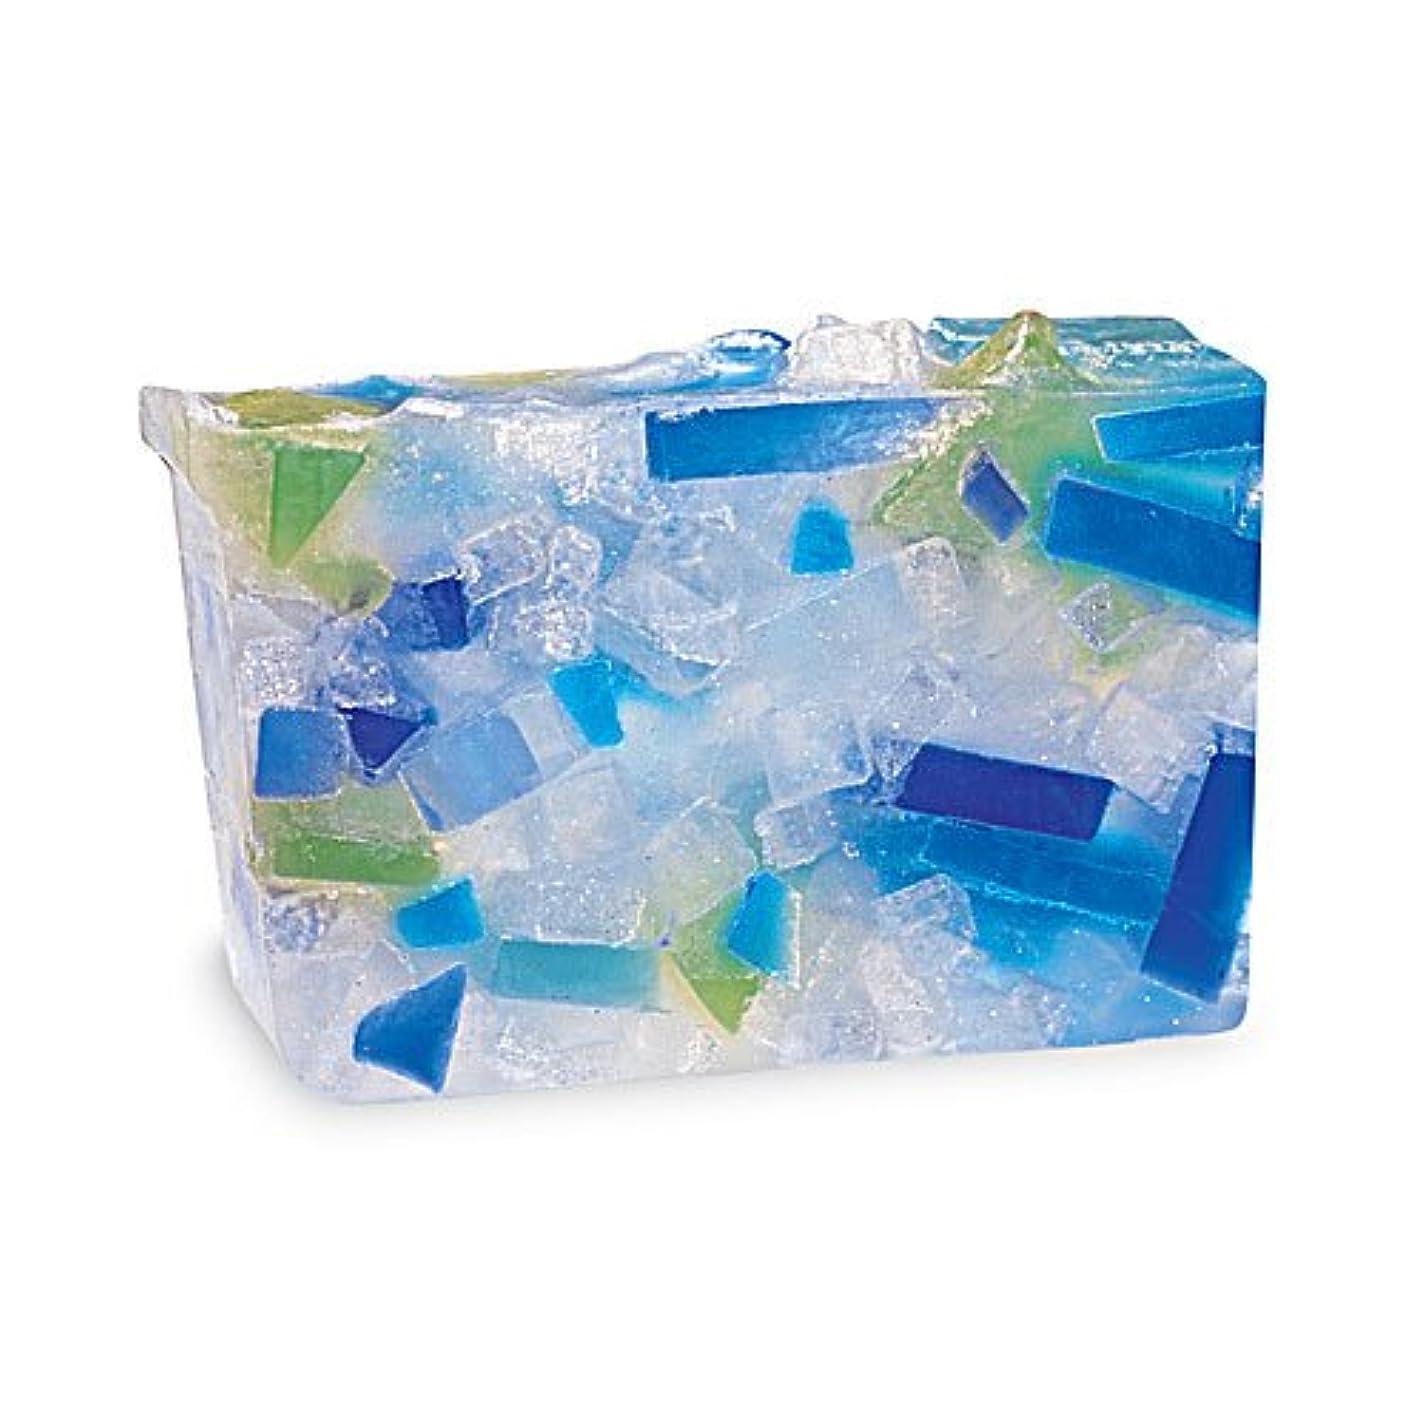 本気メタンタクシープライモールエレメンツ アロマティック ソープ ビーチグラス 180g 植物性 ナチュラル 石鹸 無添加